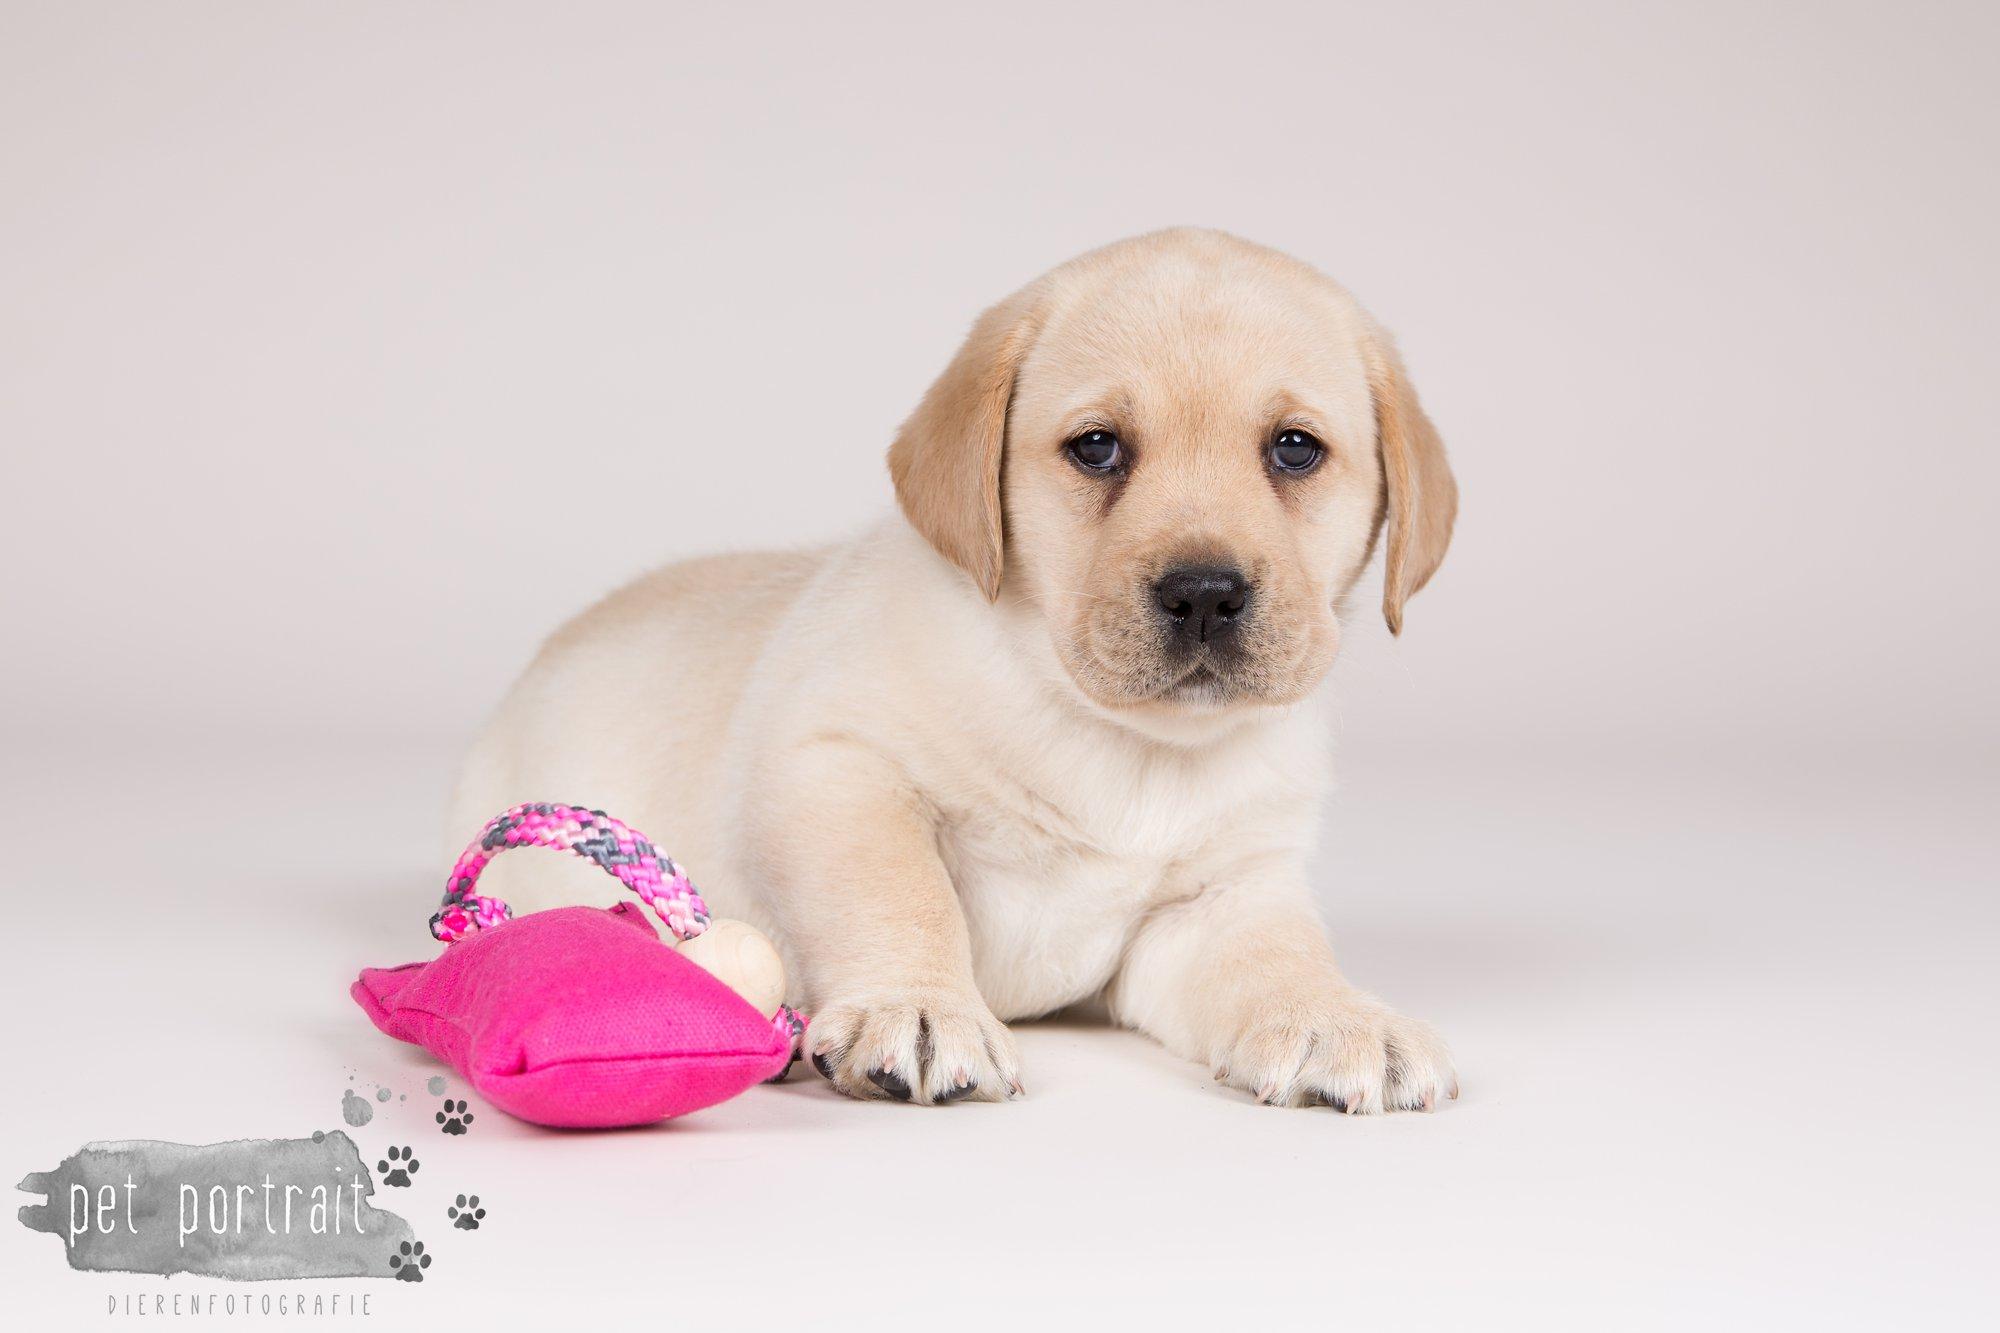 Hondenfotograaf Hillegom - Nestfotoshoot voor Labrador pups-15